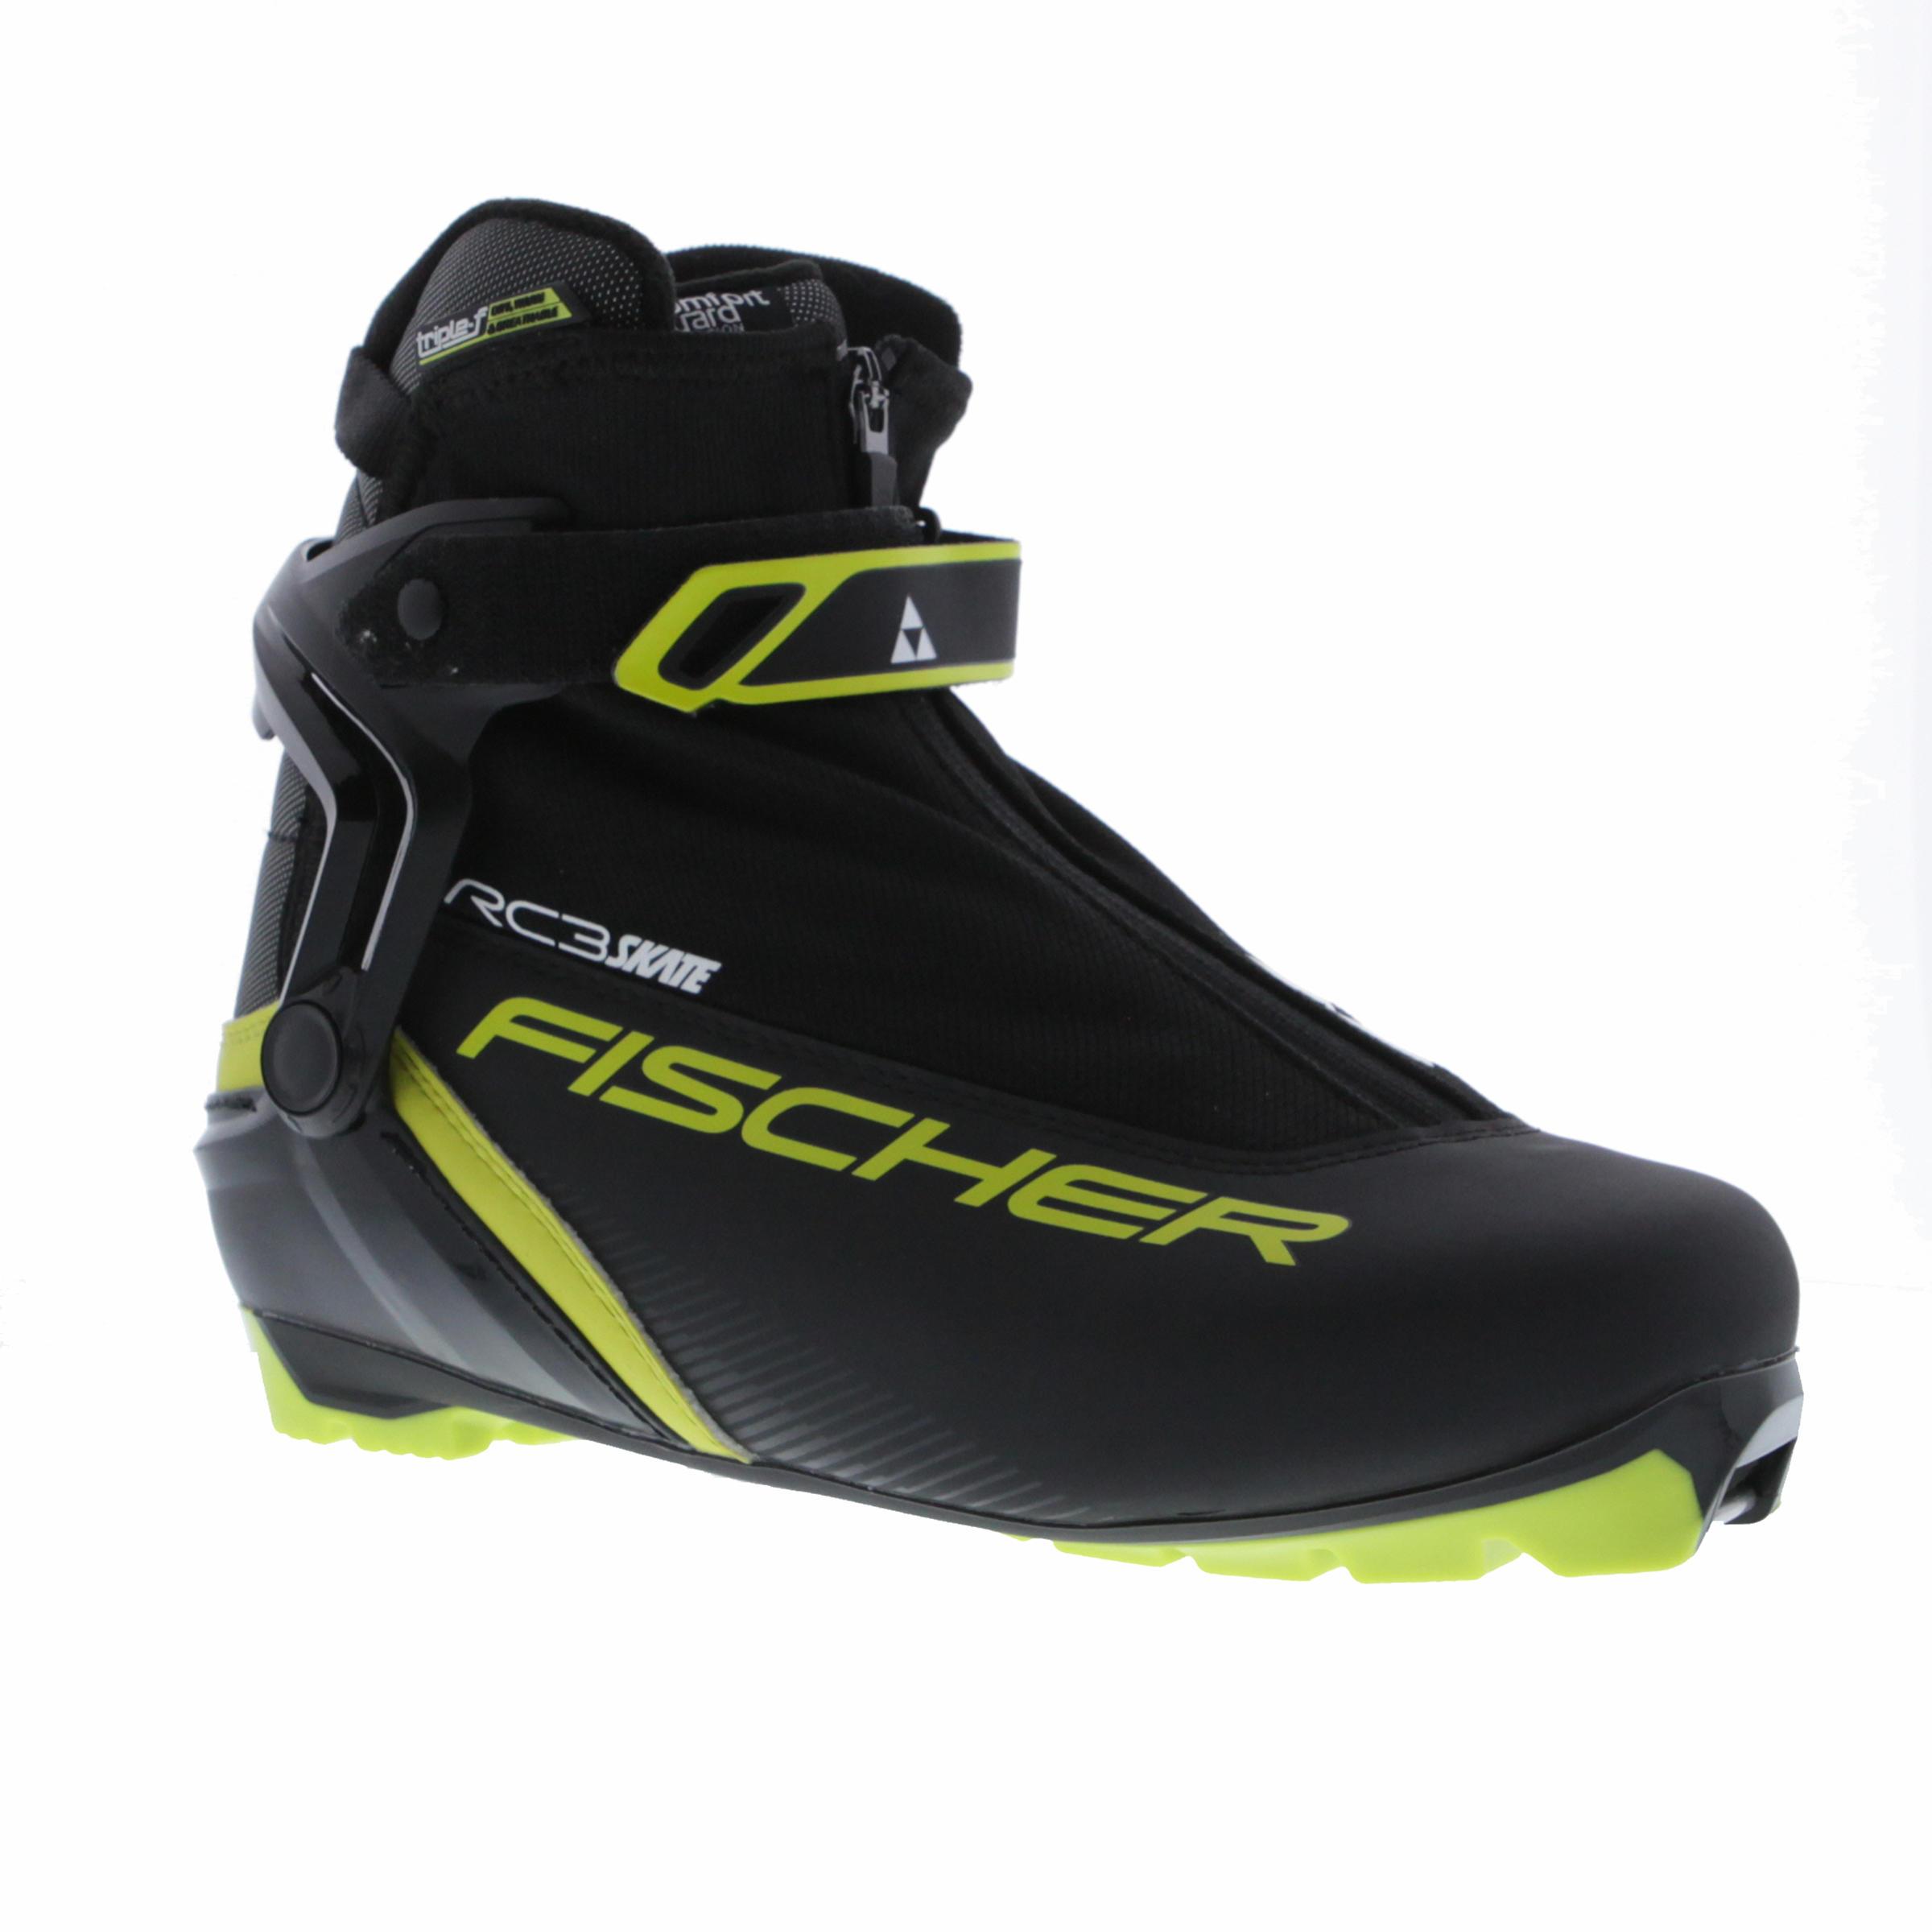 Fischer Skating langlaufschoenen voor heren XC S Boots RC 3 NNN thumbnail